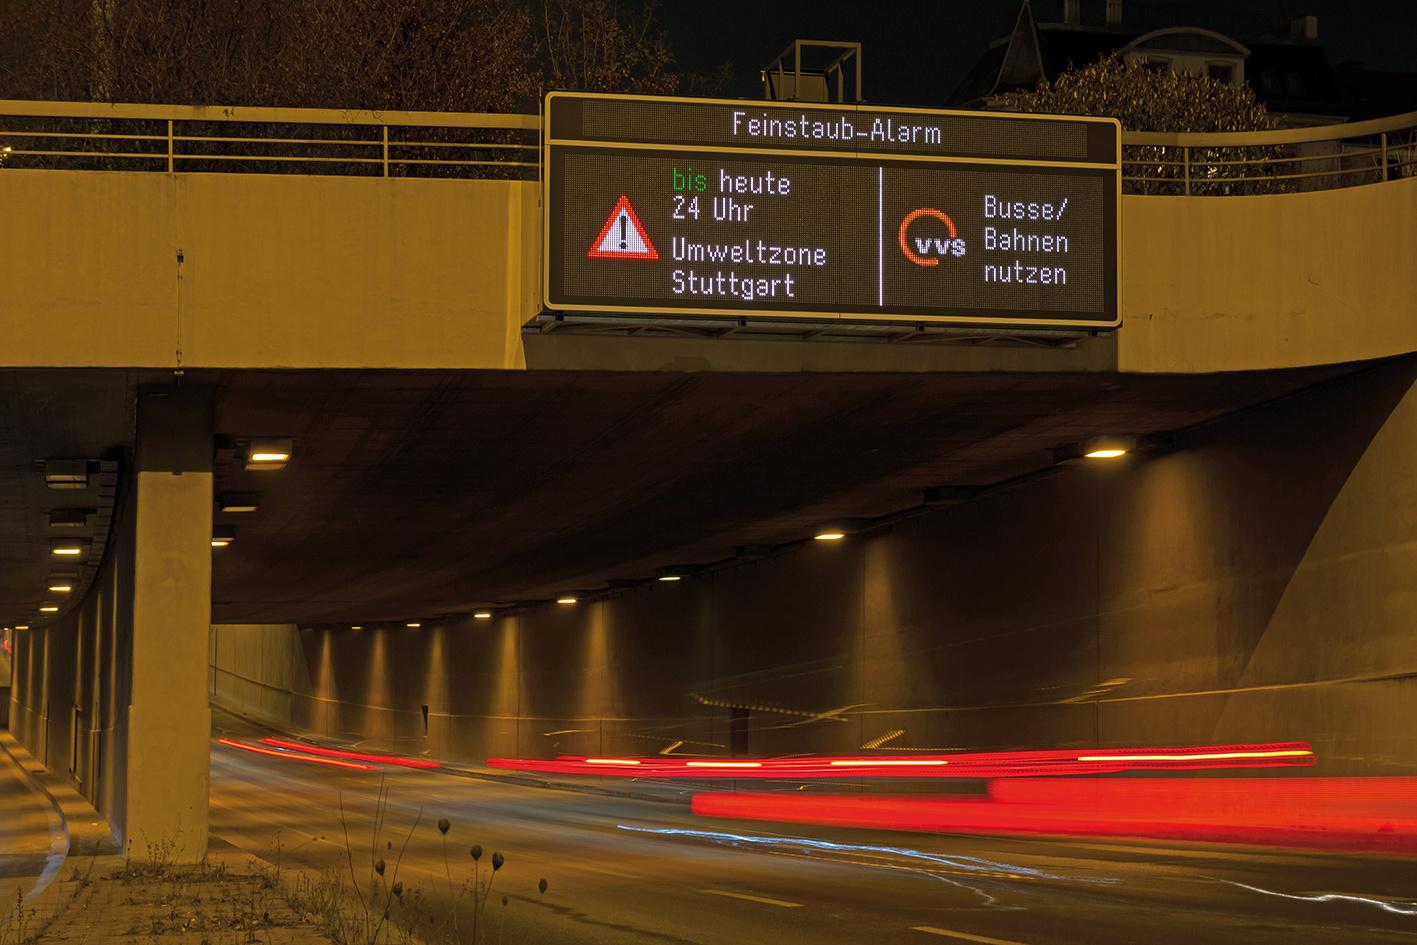 Schnelle Information an den großen Ein- und Ausfahrtstraßen: Warntafeln melden Autofahrern den Beginn und das Ende des Feinstaubalarms.